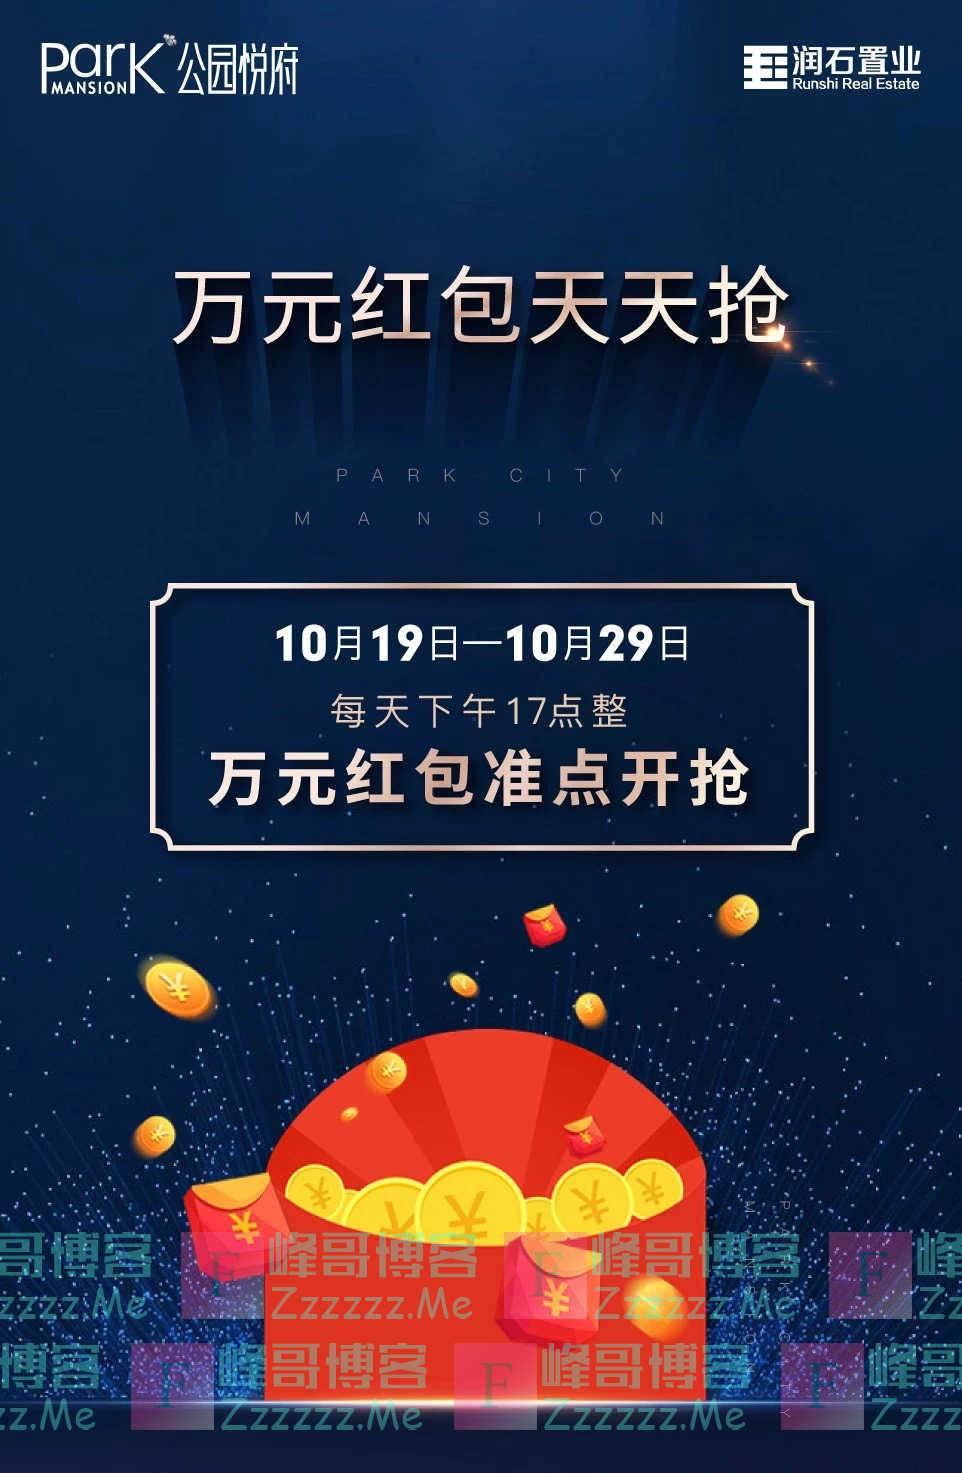 安徽润石公园悦府万元红包天天抢(10月29日截止)